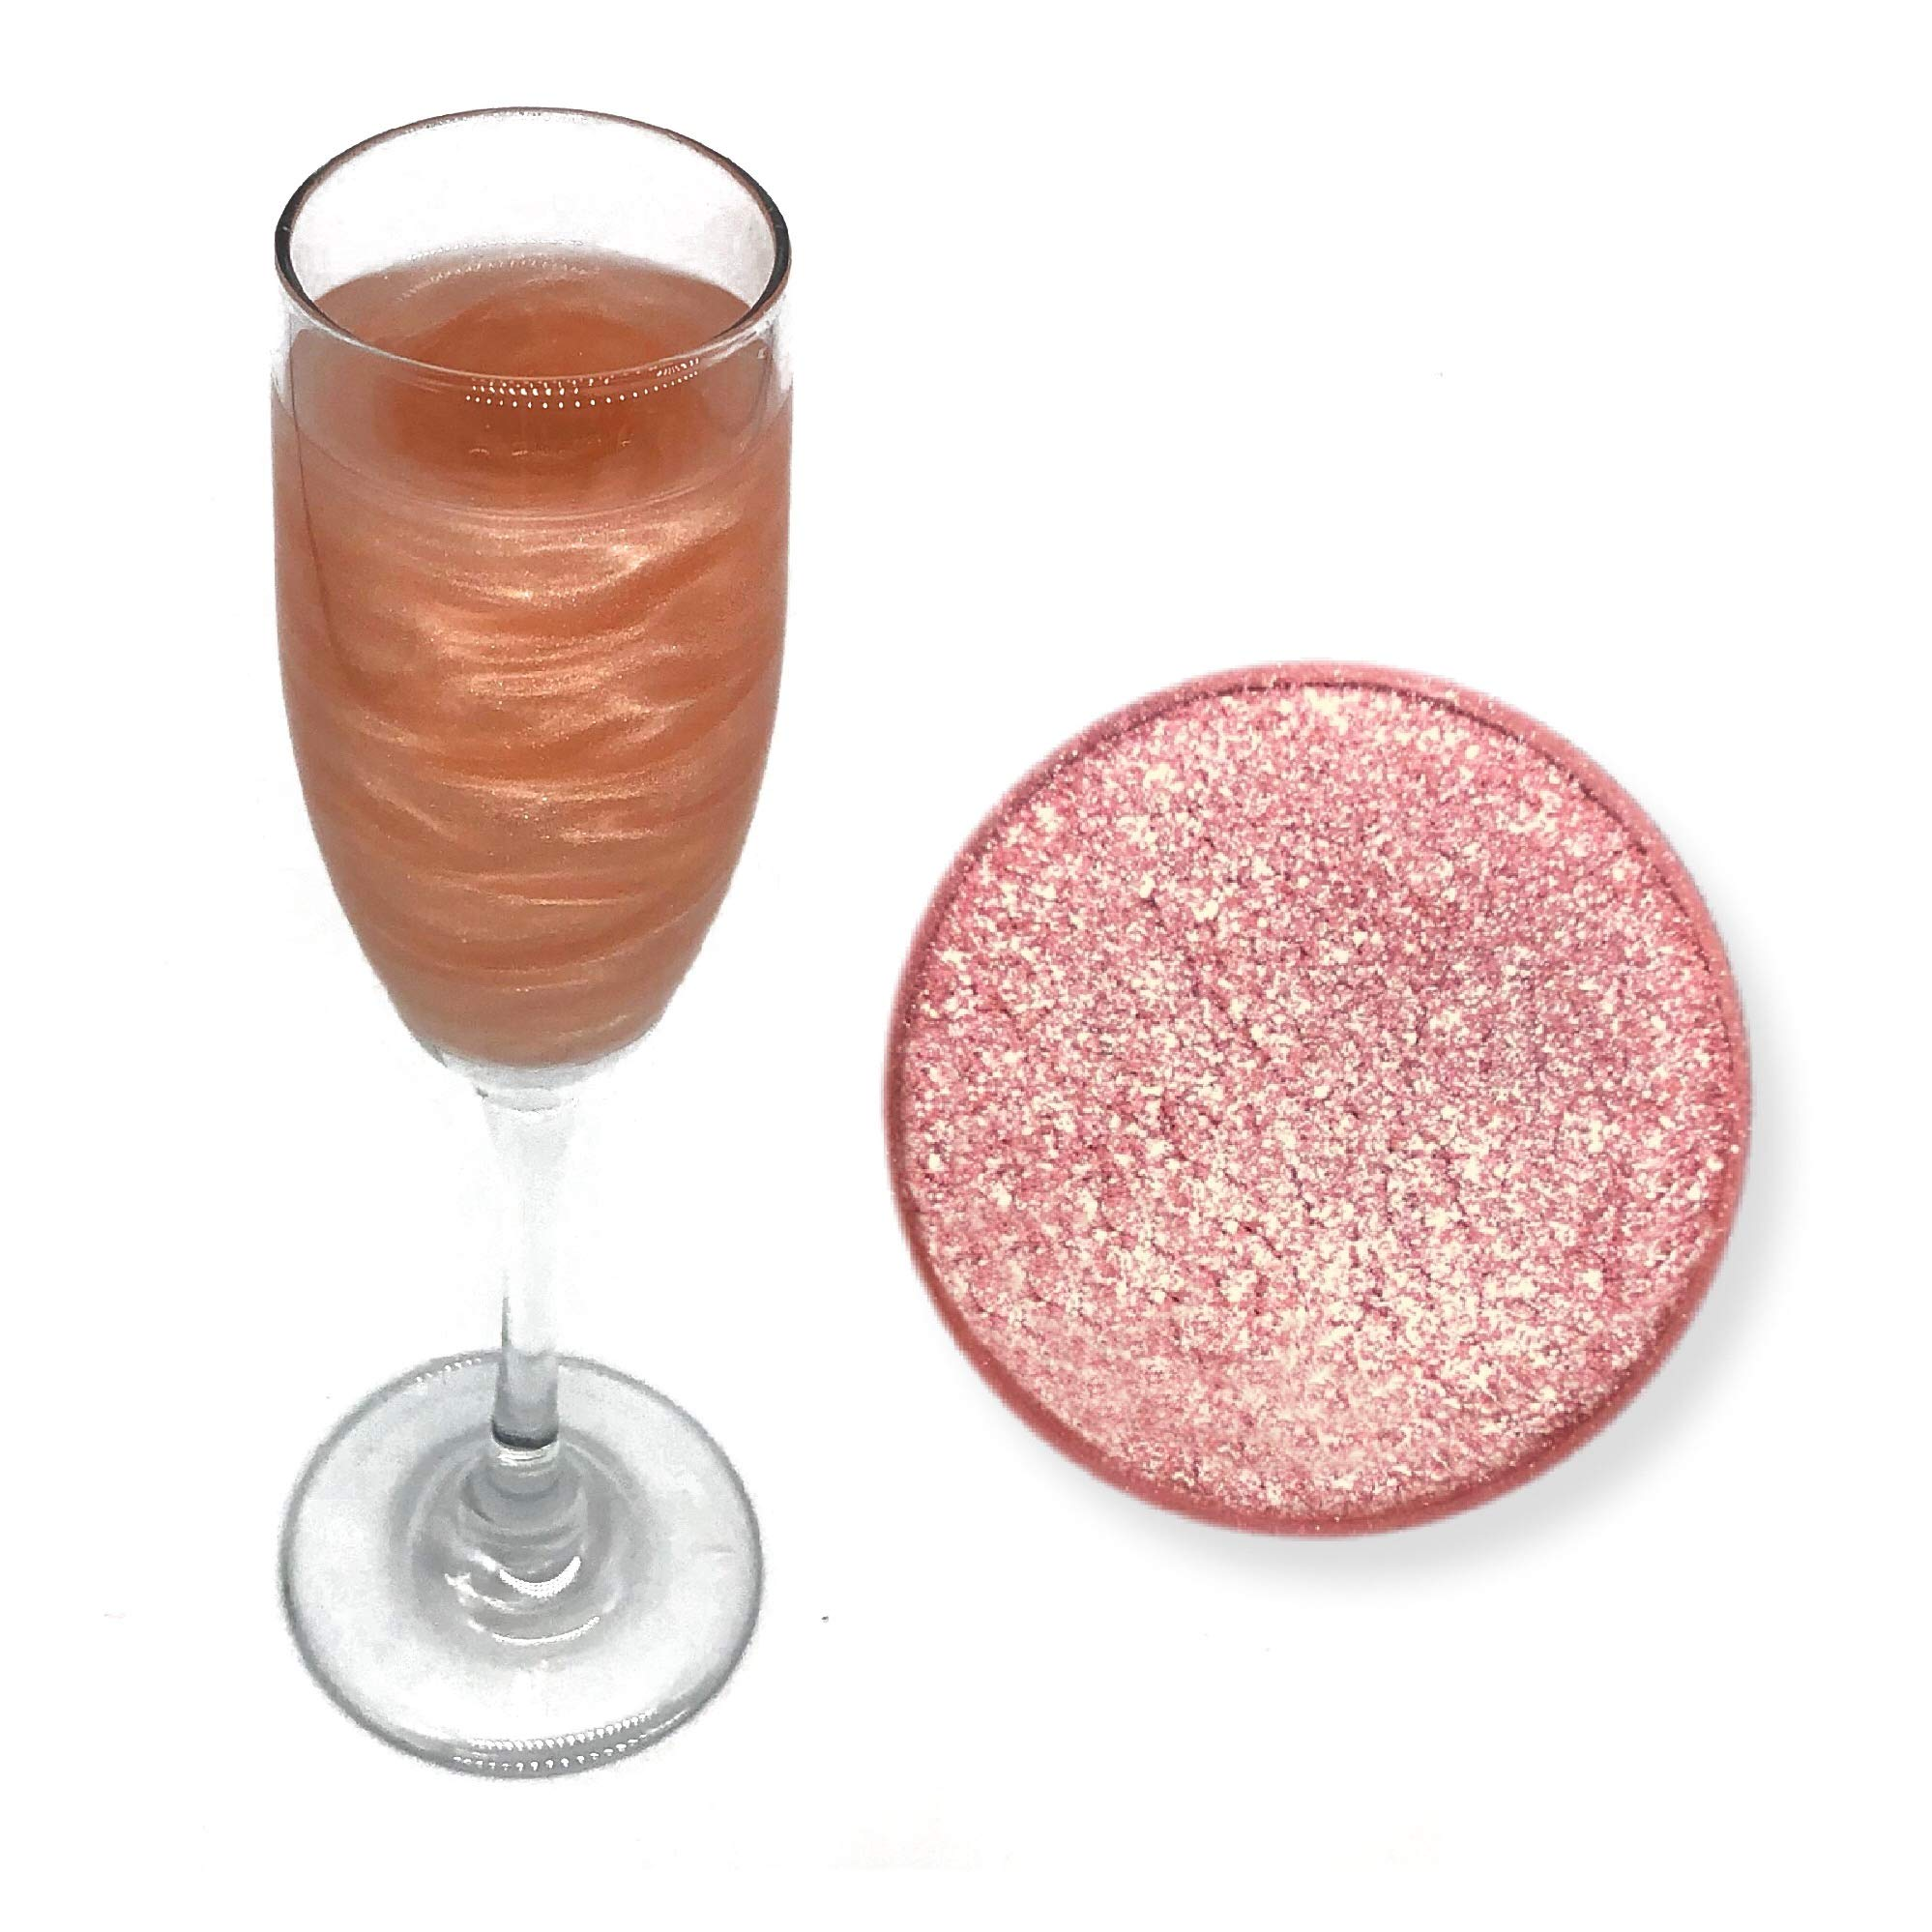 Rose Gold Beer & Beverage Glitter | 50 Gram Jar | Edible Food Grade Beer Glitter, Cocktail Glitter & Beverage Glitter-Dust from Bakell by Bakell (Image #1)